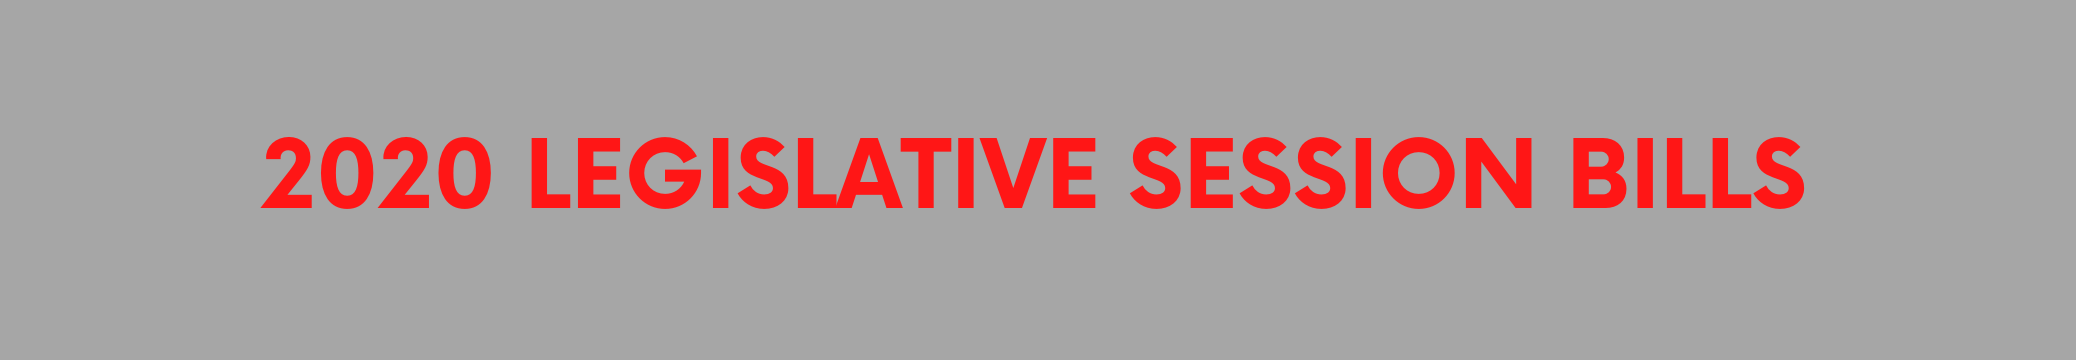 2020-legislative-session-bills-banner.png